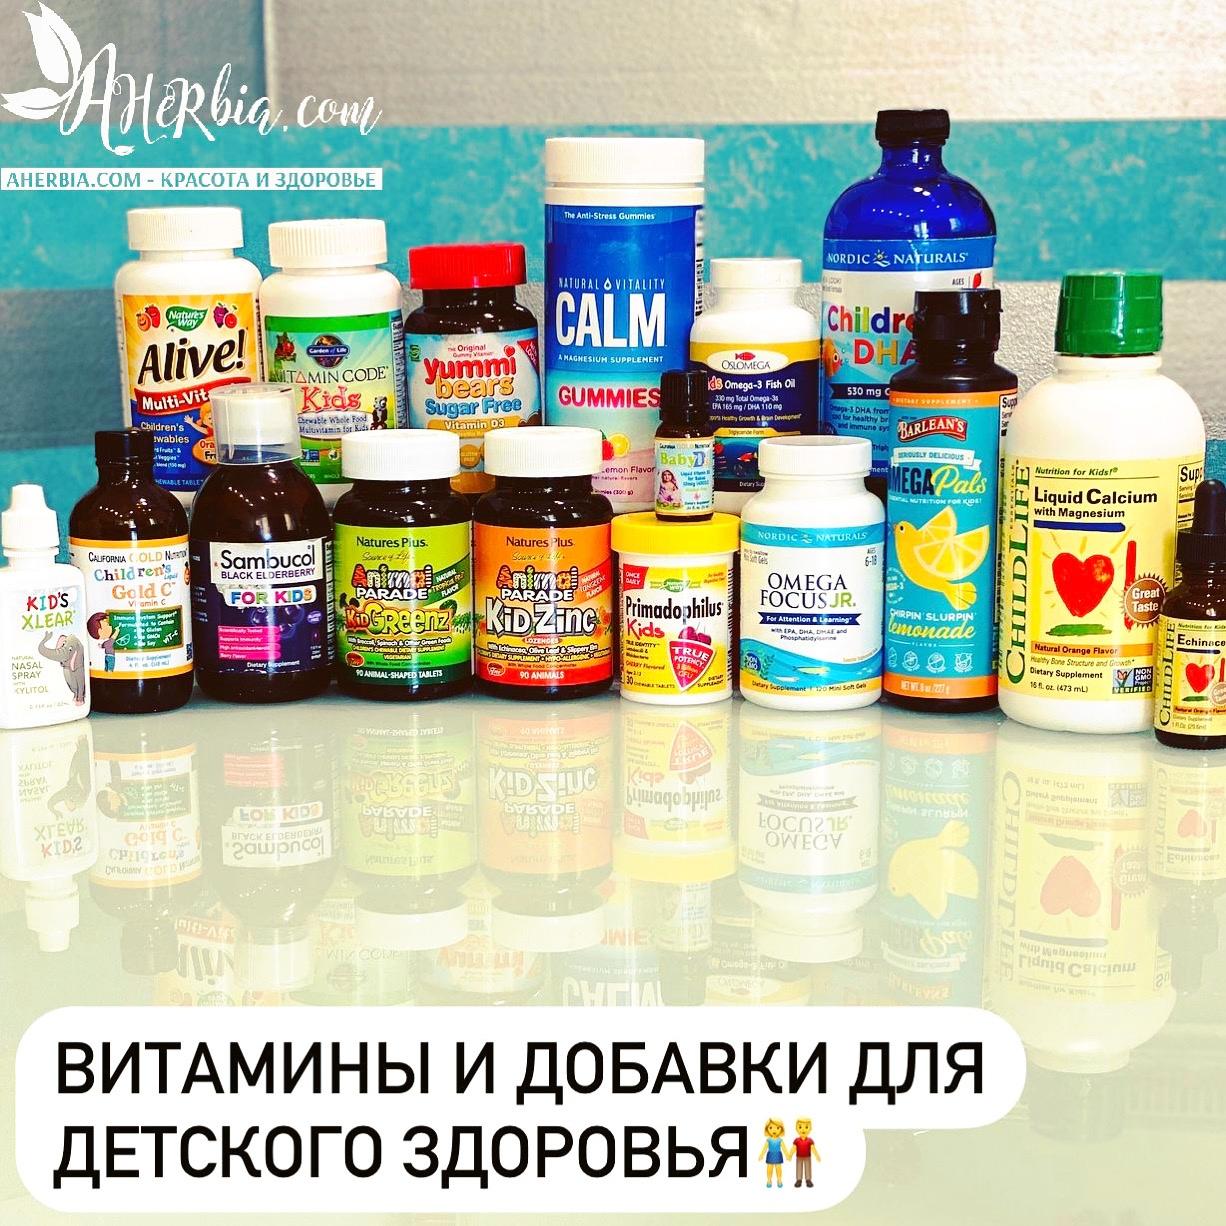 Витамины и добавки для детского иммунитета.